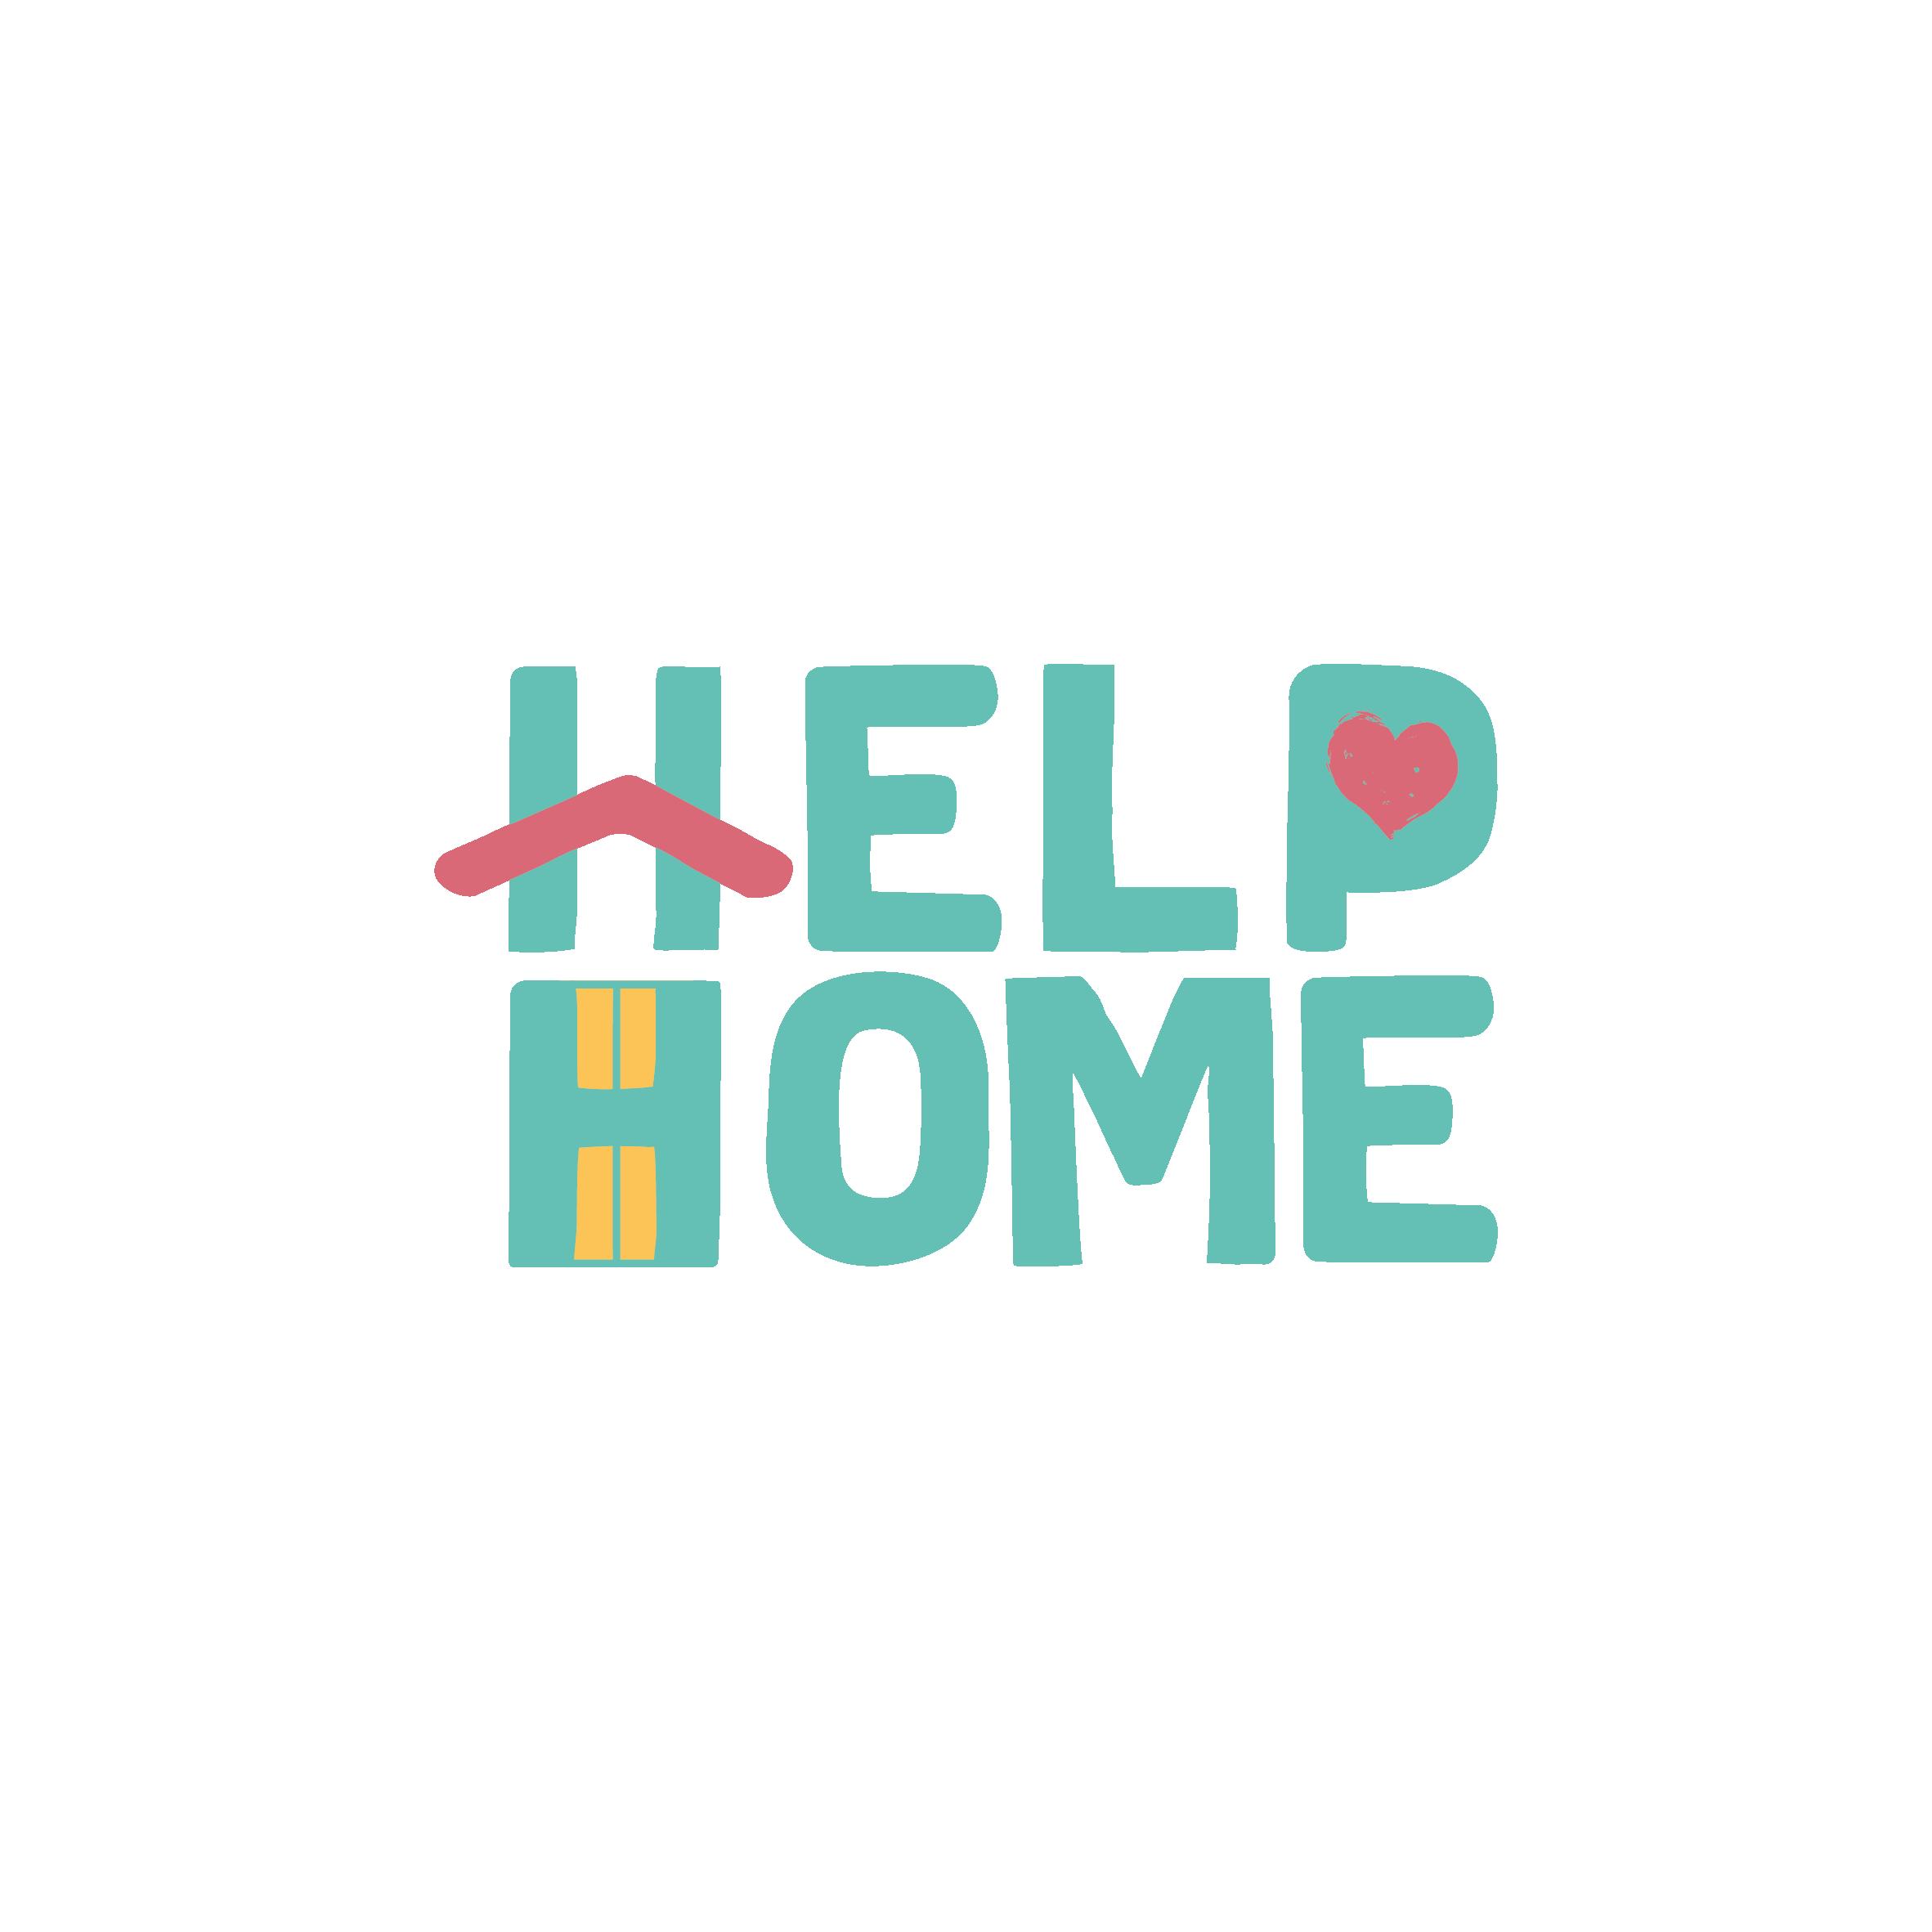 Logo Help Home-02